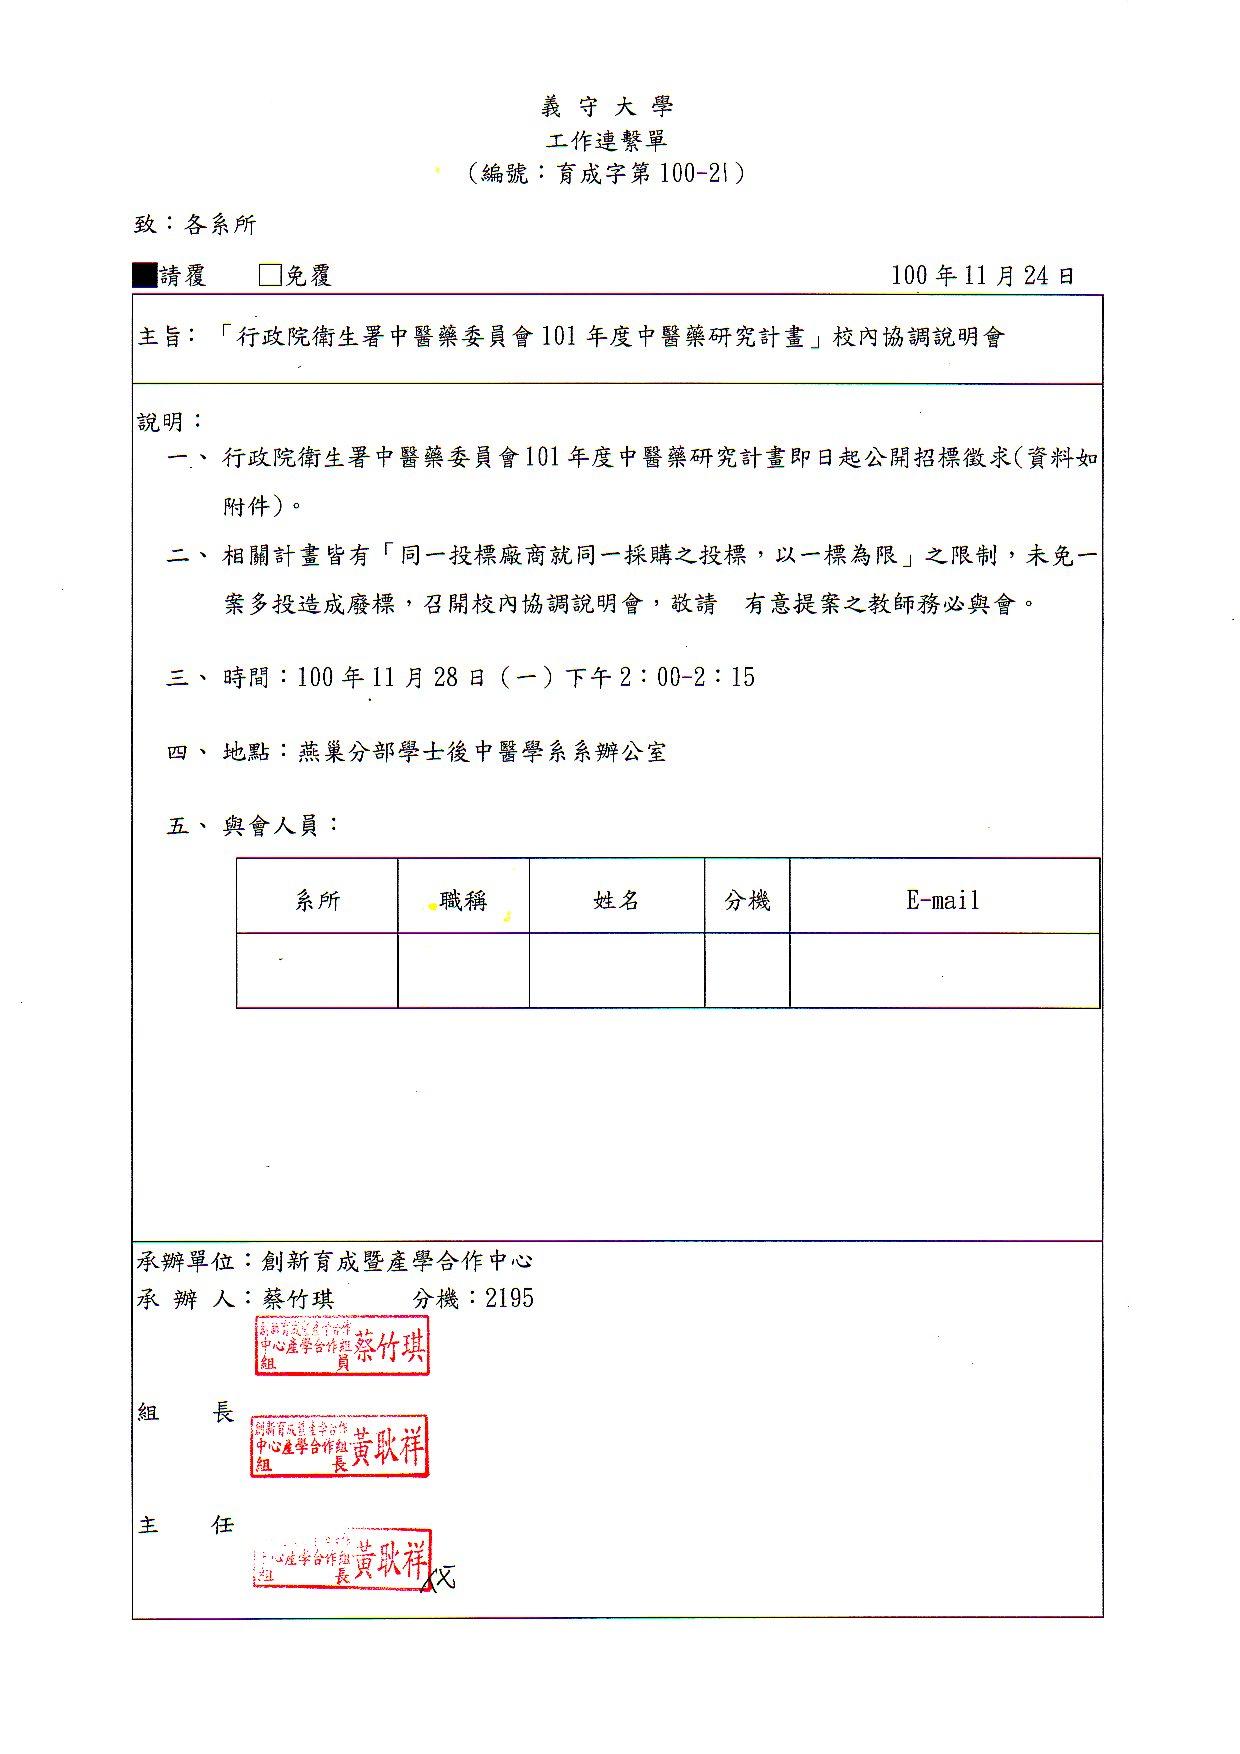 学合作组-【工作联系单】